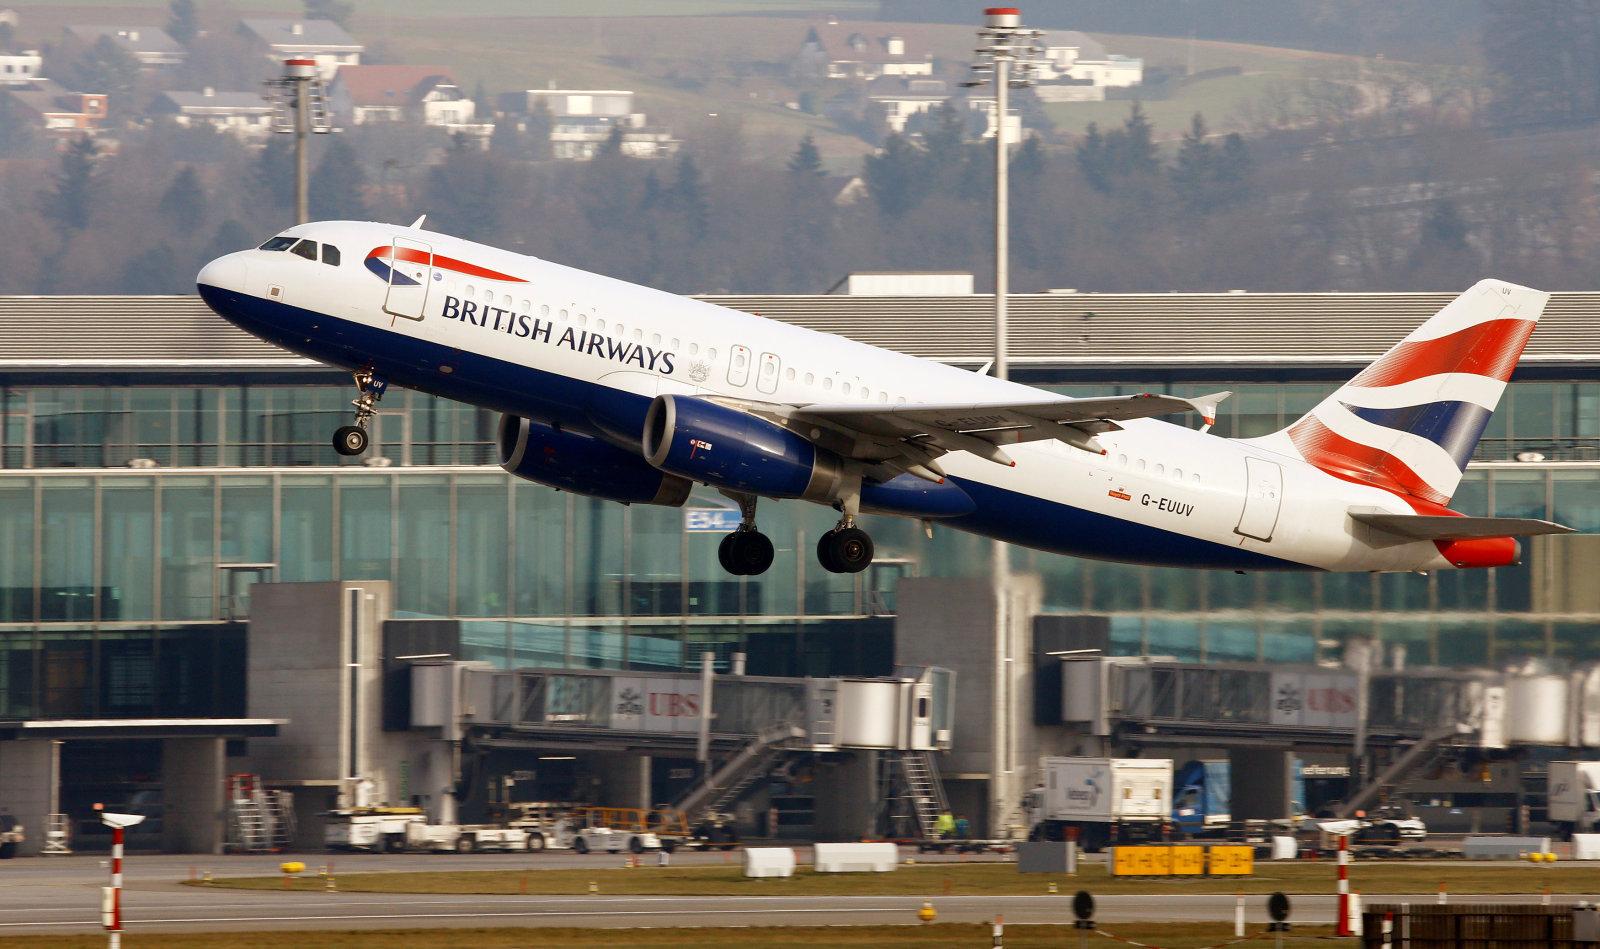 İngiliz Hava Yolları Grev Depremi | ngiliz Hava Yolları